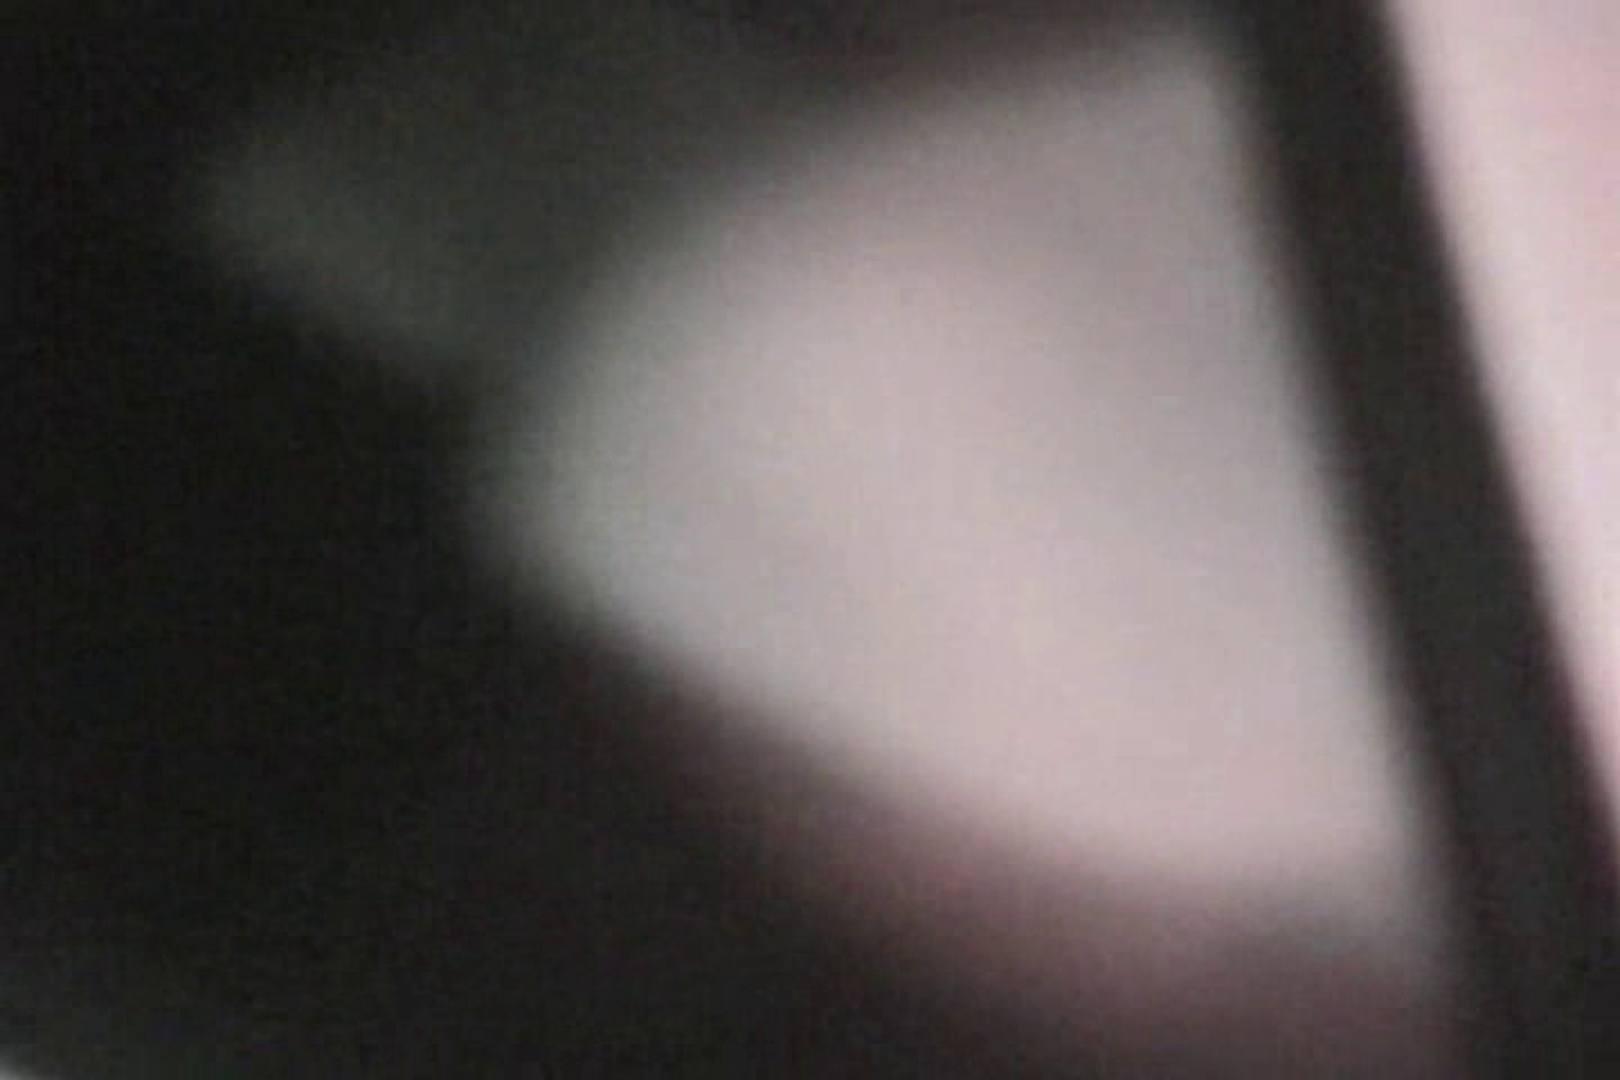 蔵出し!!赤外線カーセックスVol.23 エッチなセックス おまんこ動画流出 62画像 62